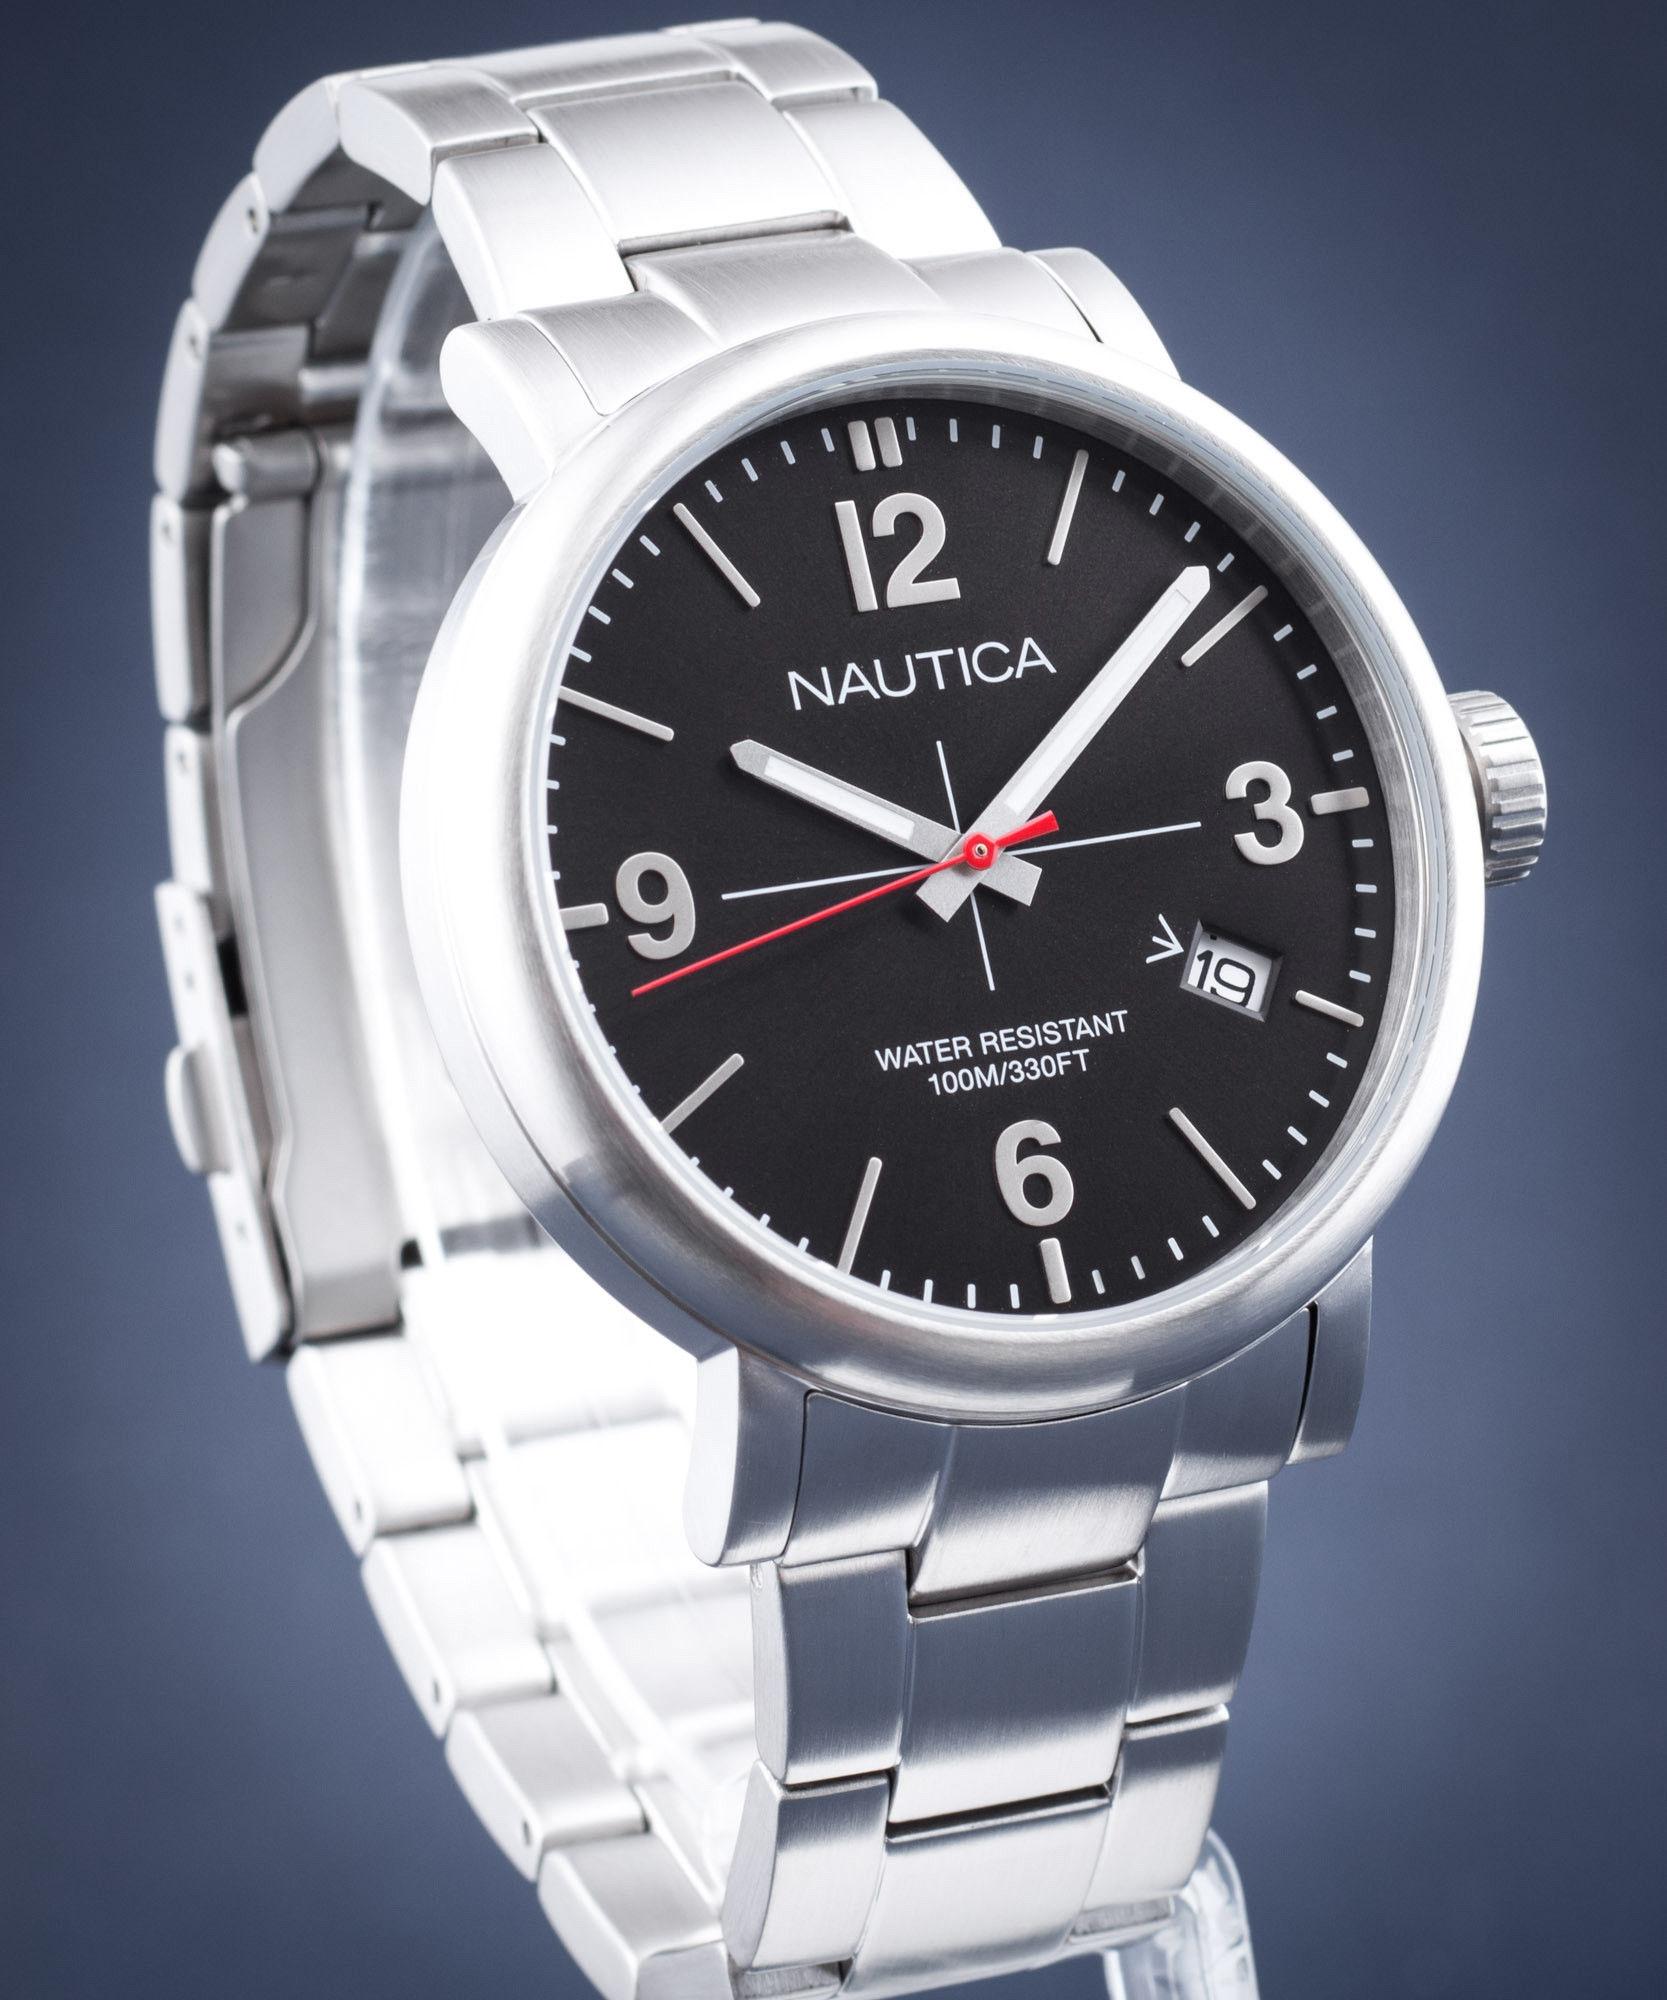 Zegarek Nautica NAPAVT006 - CENA DO NEGOCJACJI - DOSTAWA DHL GRATIS, KUPUJ BEZ RYZYKA - 100 dni na zwrot, możliwość wygrawerowania dowolnego tekstu.